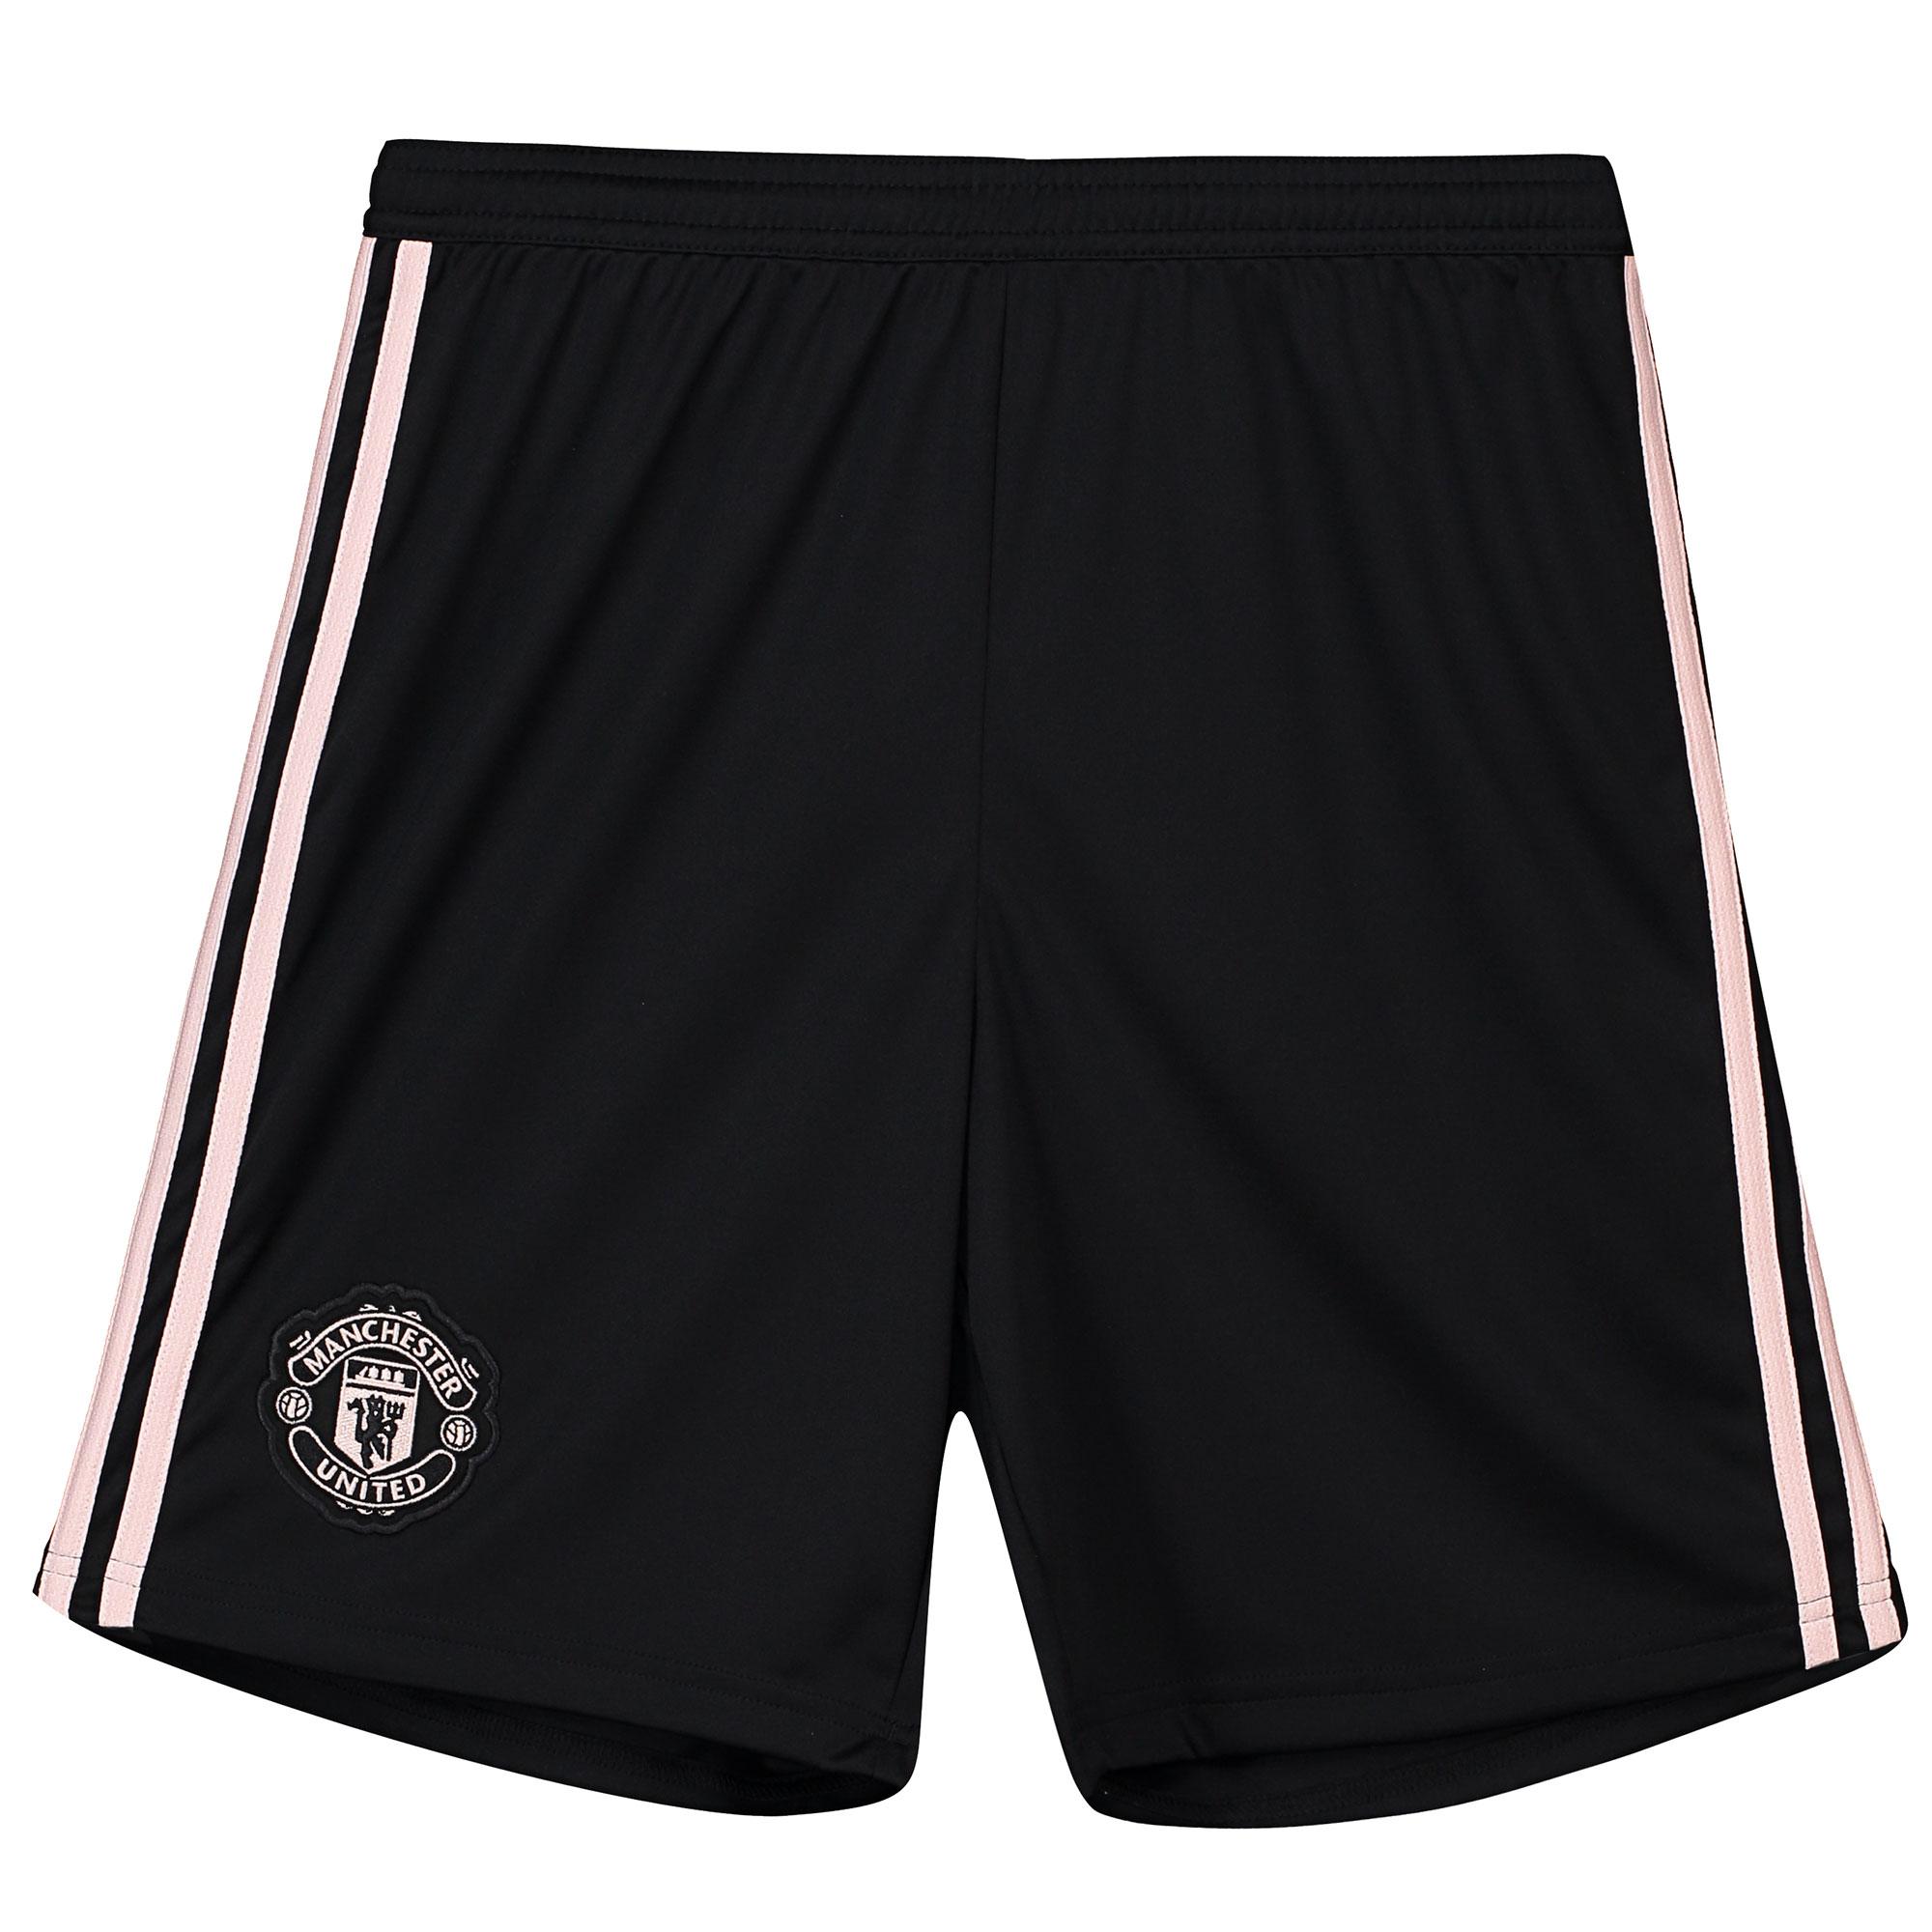 Short Extérieur Manchester United 2018-19 - Enfant